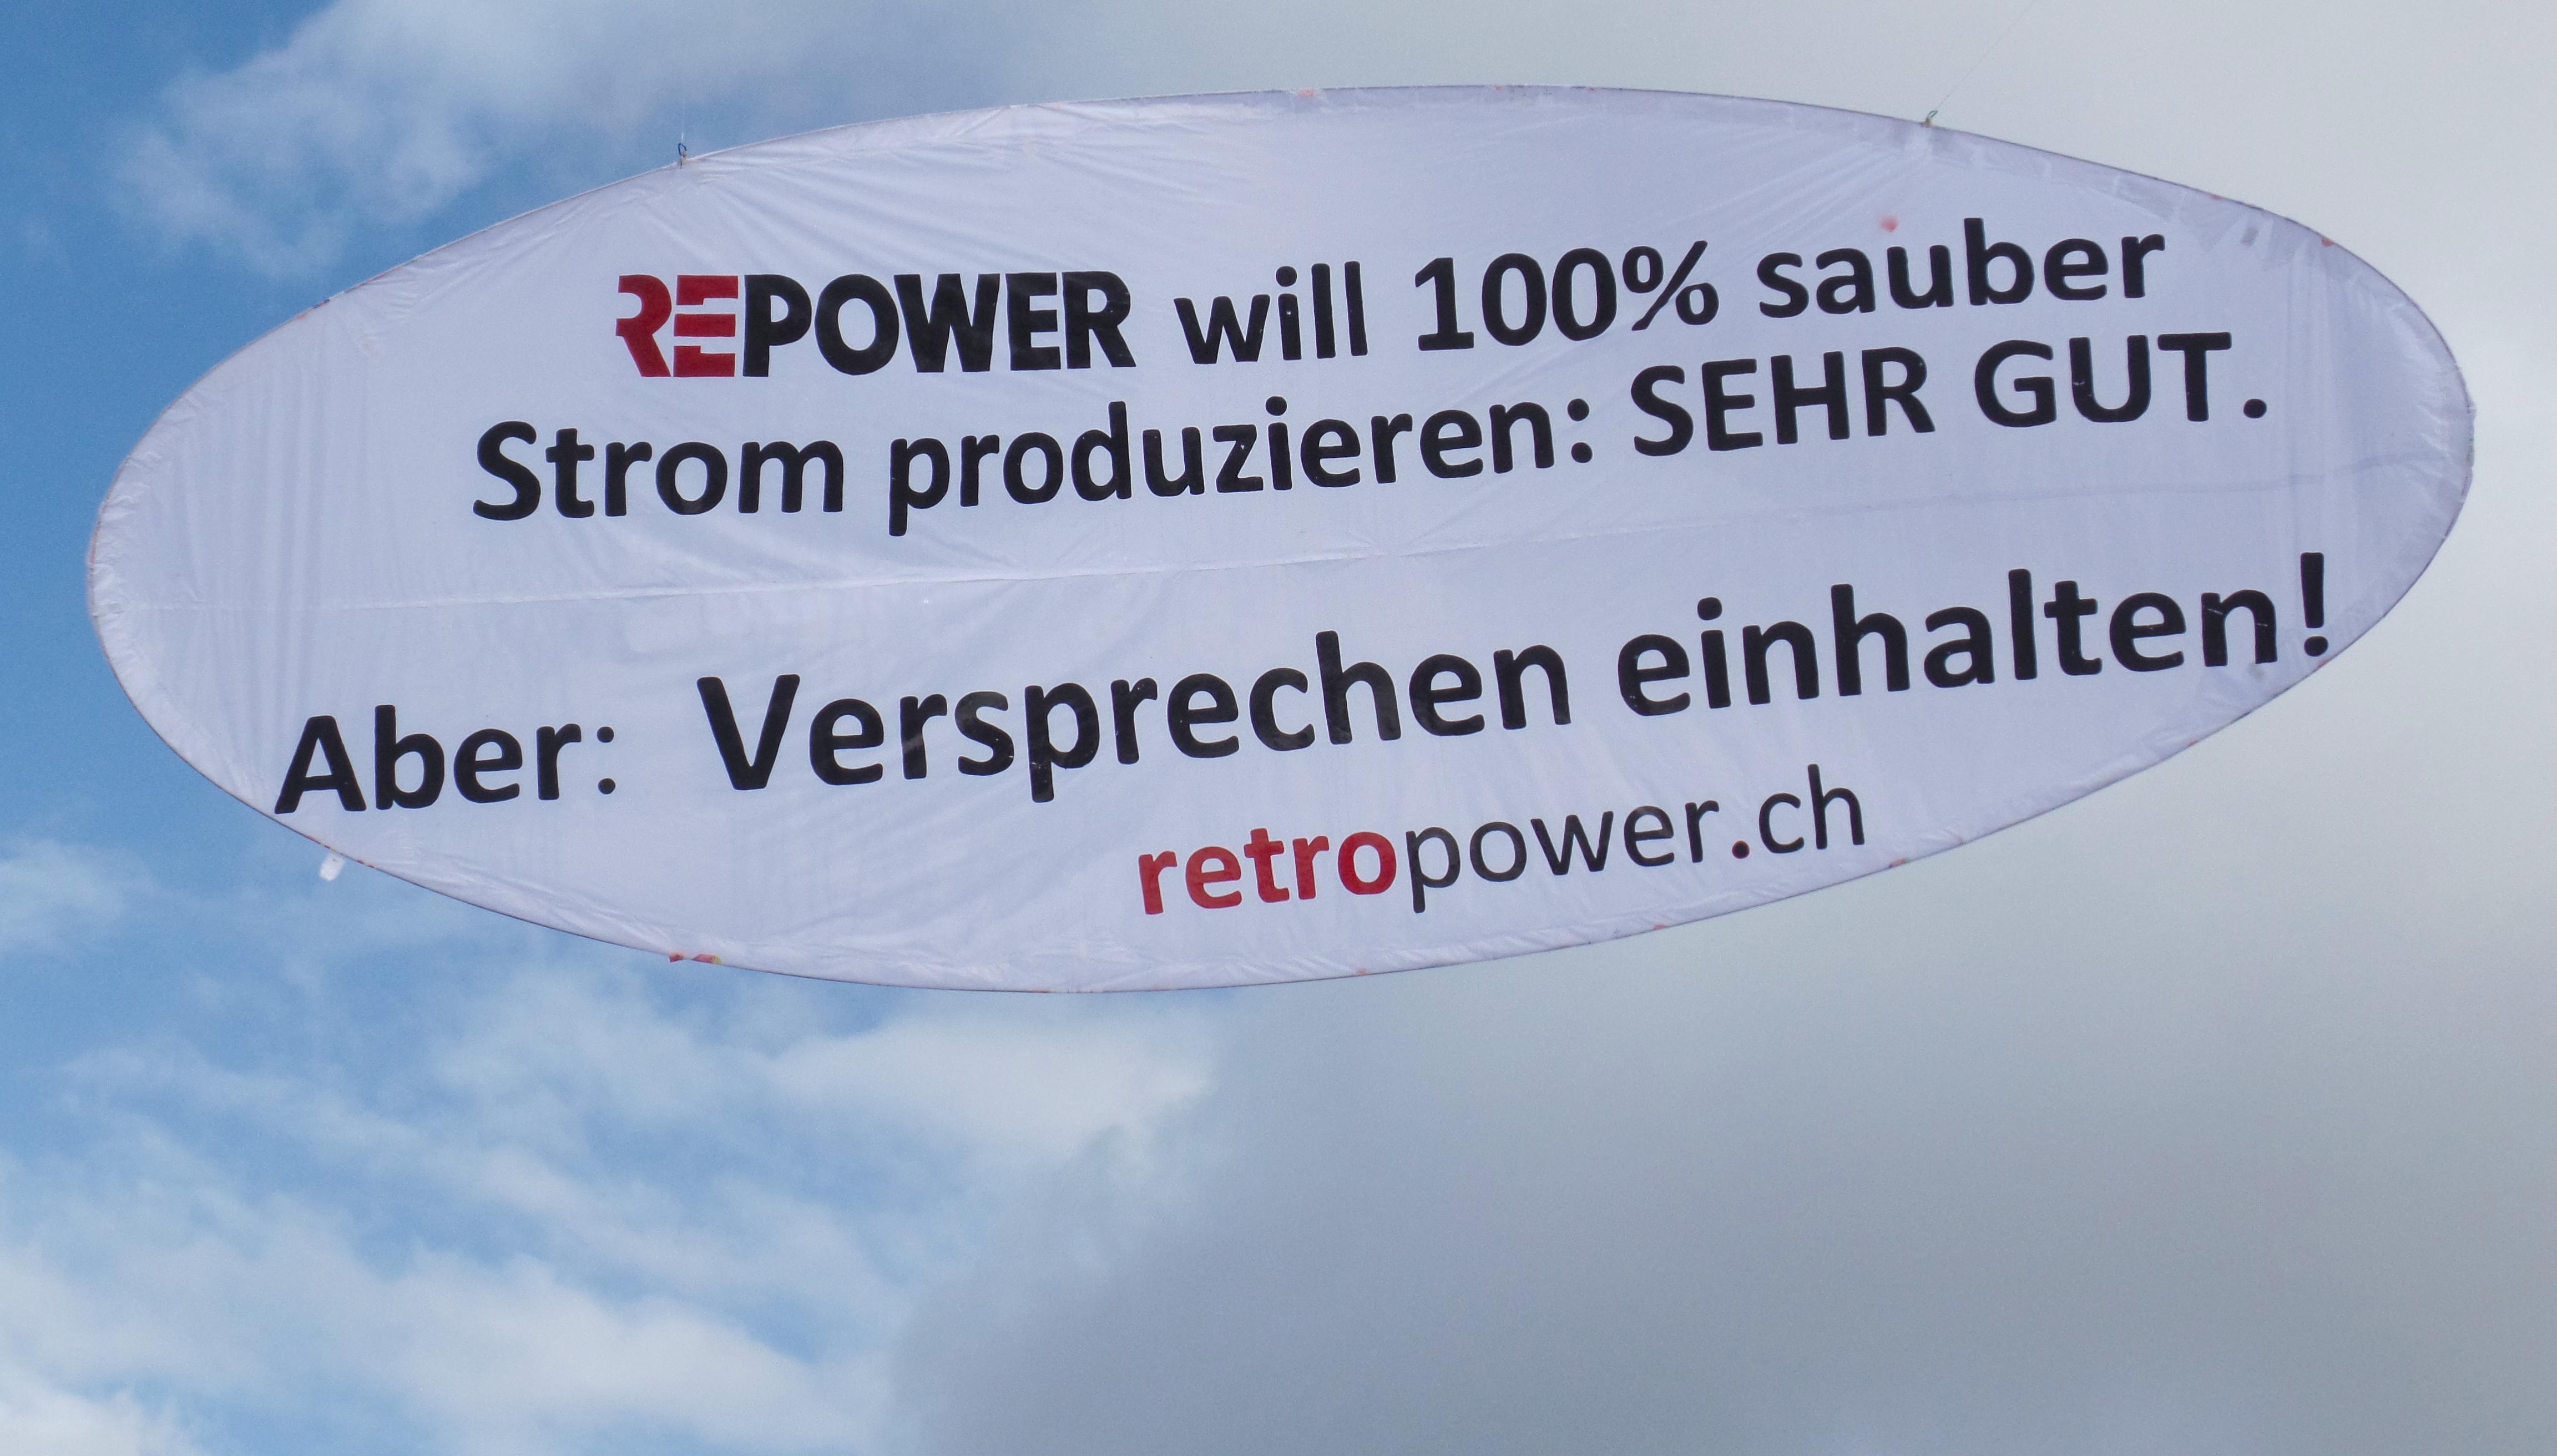 """""""Versprechen einhalten!"""" Gleichzeitig mit der Publikation dieses Artikels fand hoch über Chur wegen des Wortbruchs der Repower eine Informationsaktion statt."""